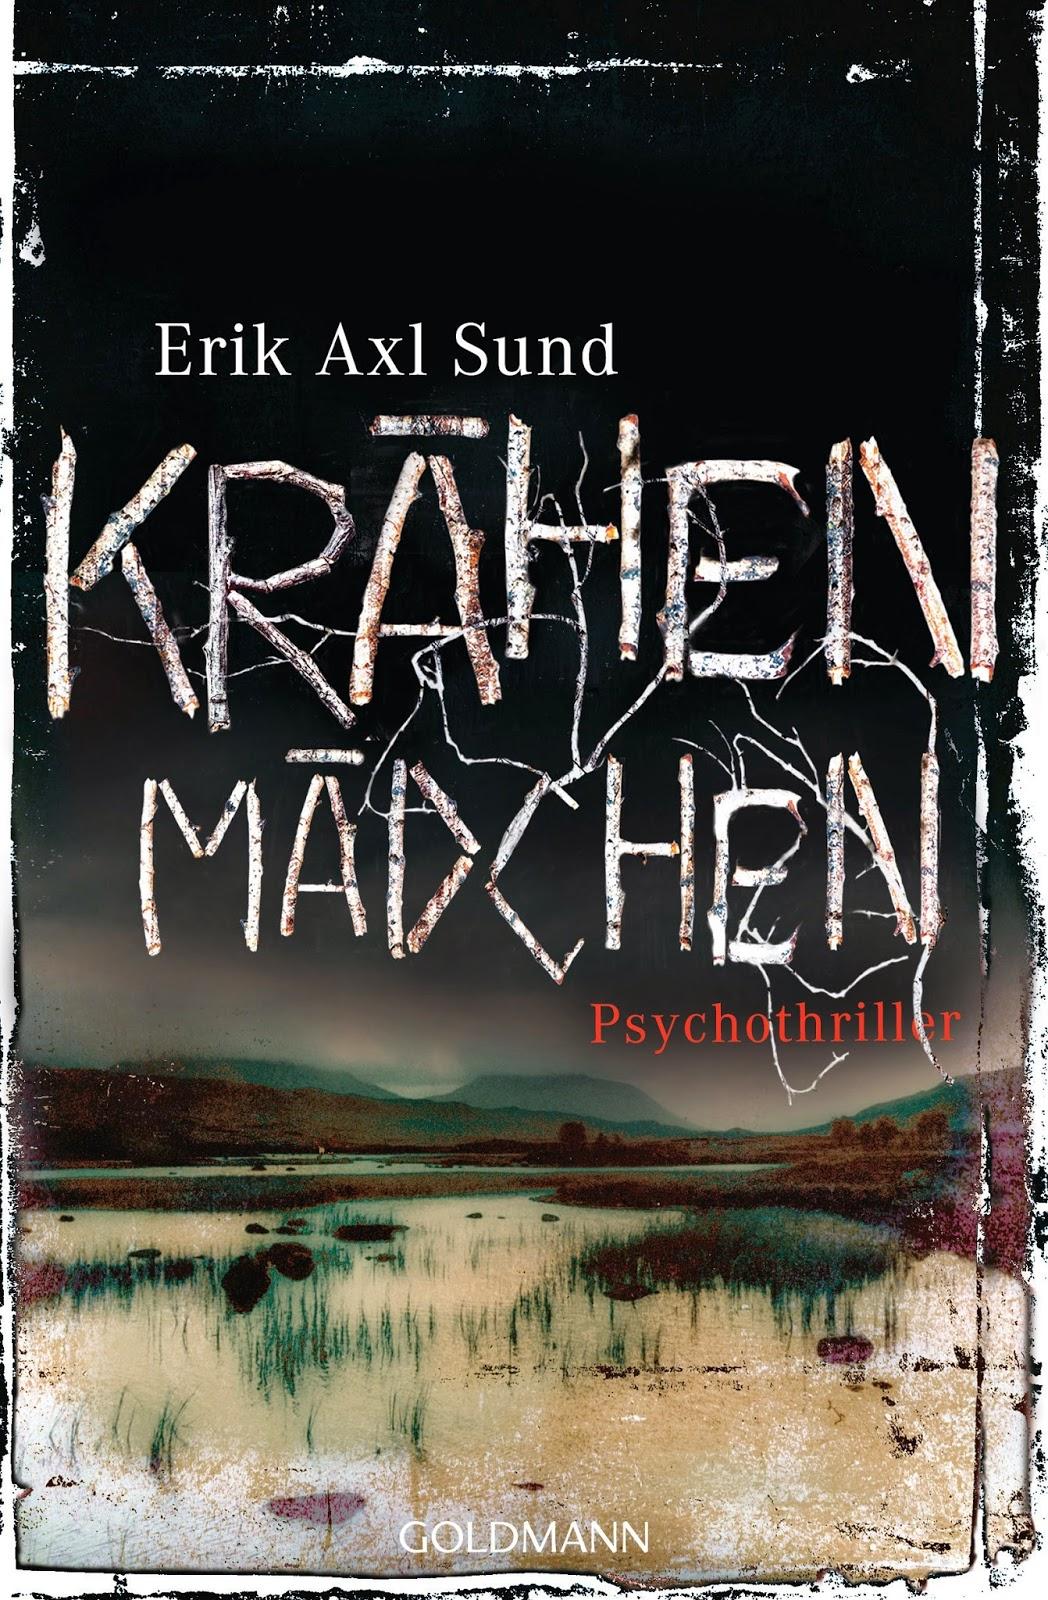 http://www.randomhouse.de/Presse/Paperback/Kraehenmaedchen-Band-1-der-Victoria-Bergman-Trilogie-Psychothriller/Erik-Axl-Sund/pr453629.rhd?pub=4000&men=783&mid=5